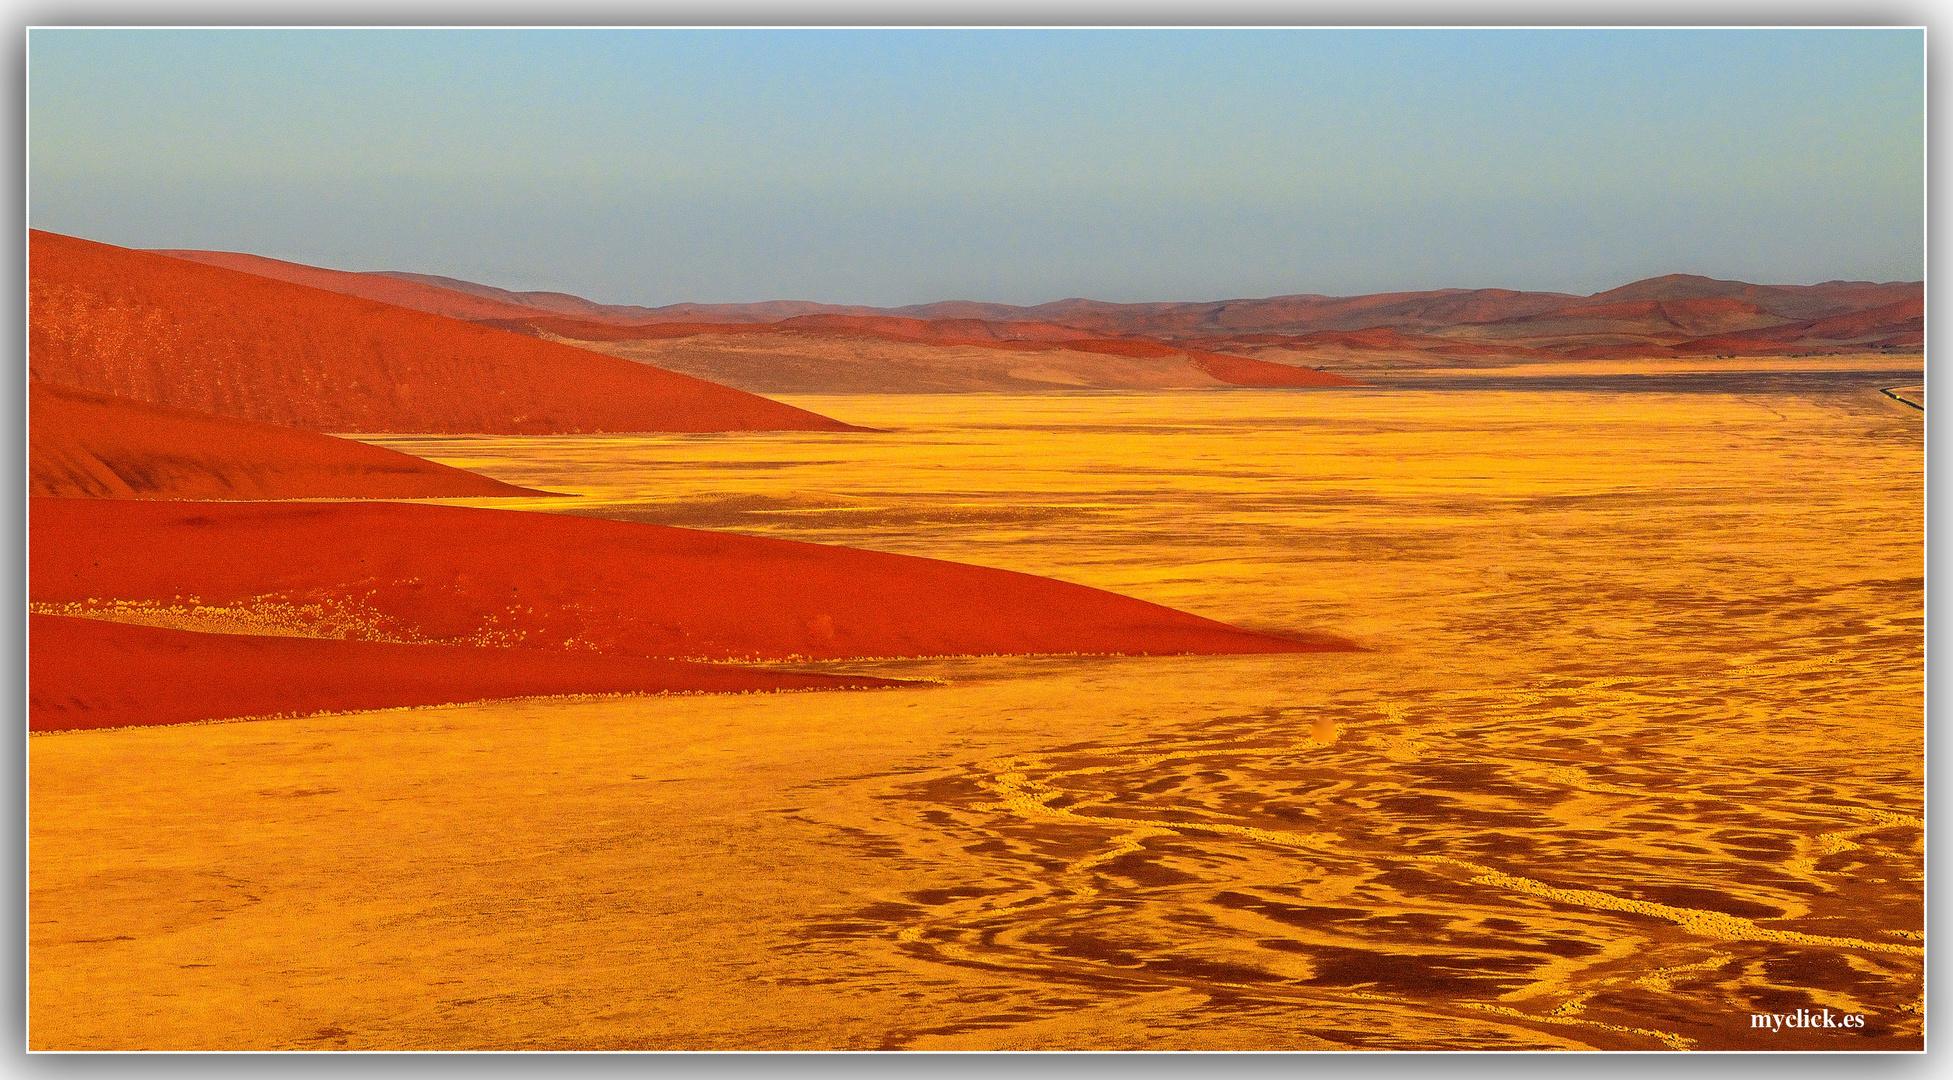 MEMORIAS DE AFRICA-LAS DUNAS DE SOSSUVLEI 3 -NAMIBIA